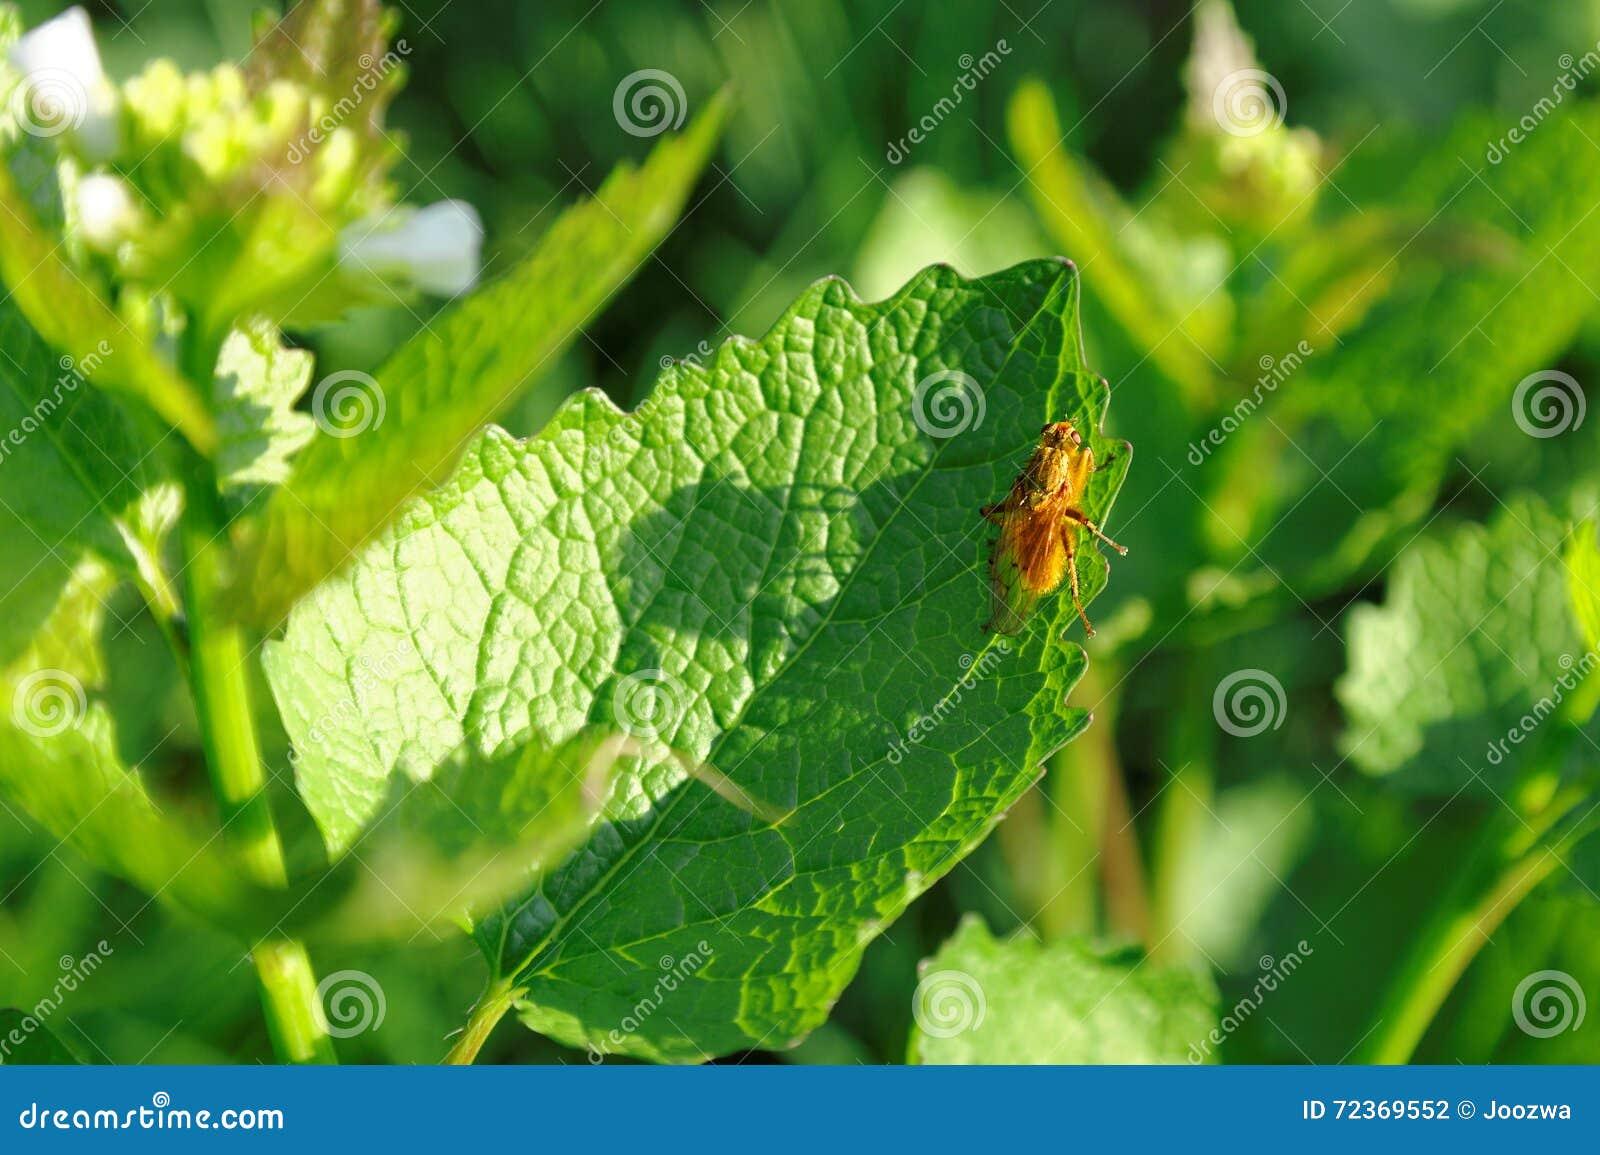 在绿色叶子的橙色昆虫